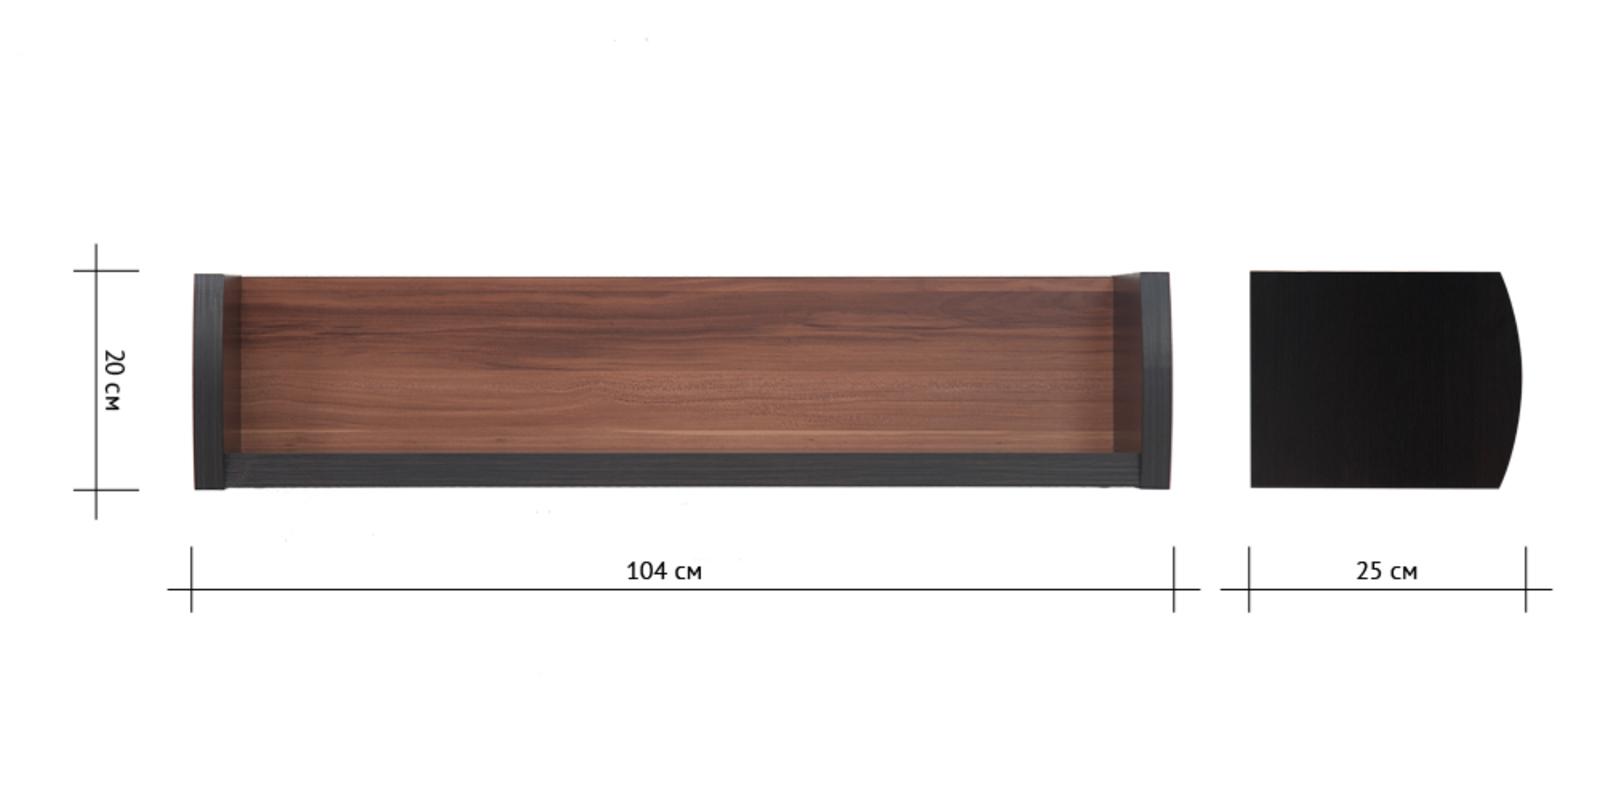 Полка Корсика 104/20 см (слива валлис) от HomeMe.ru